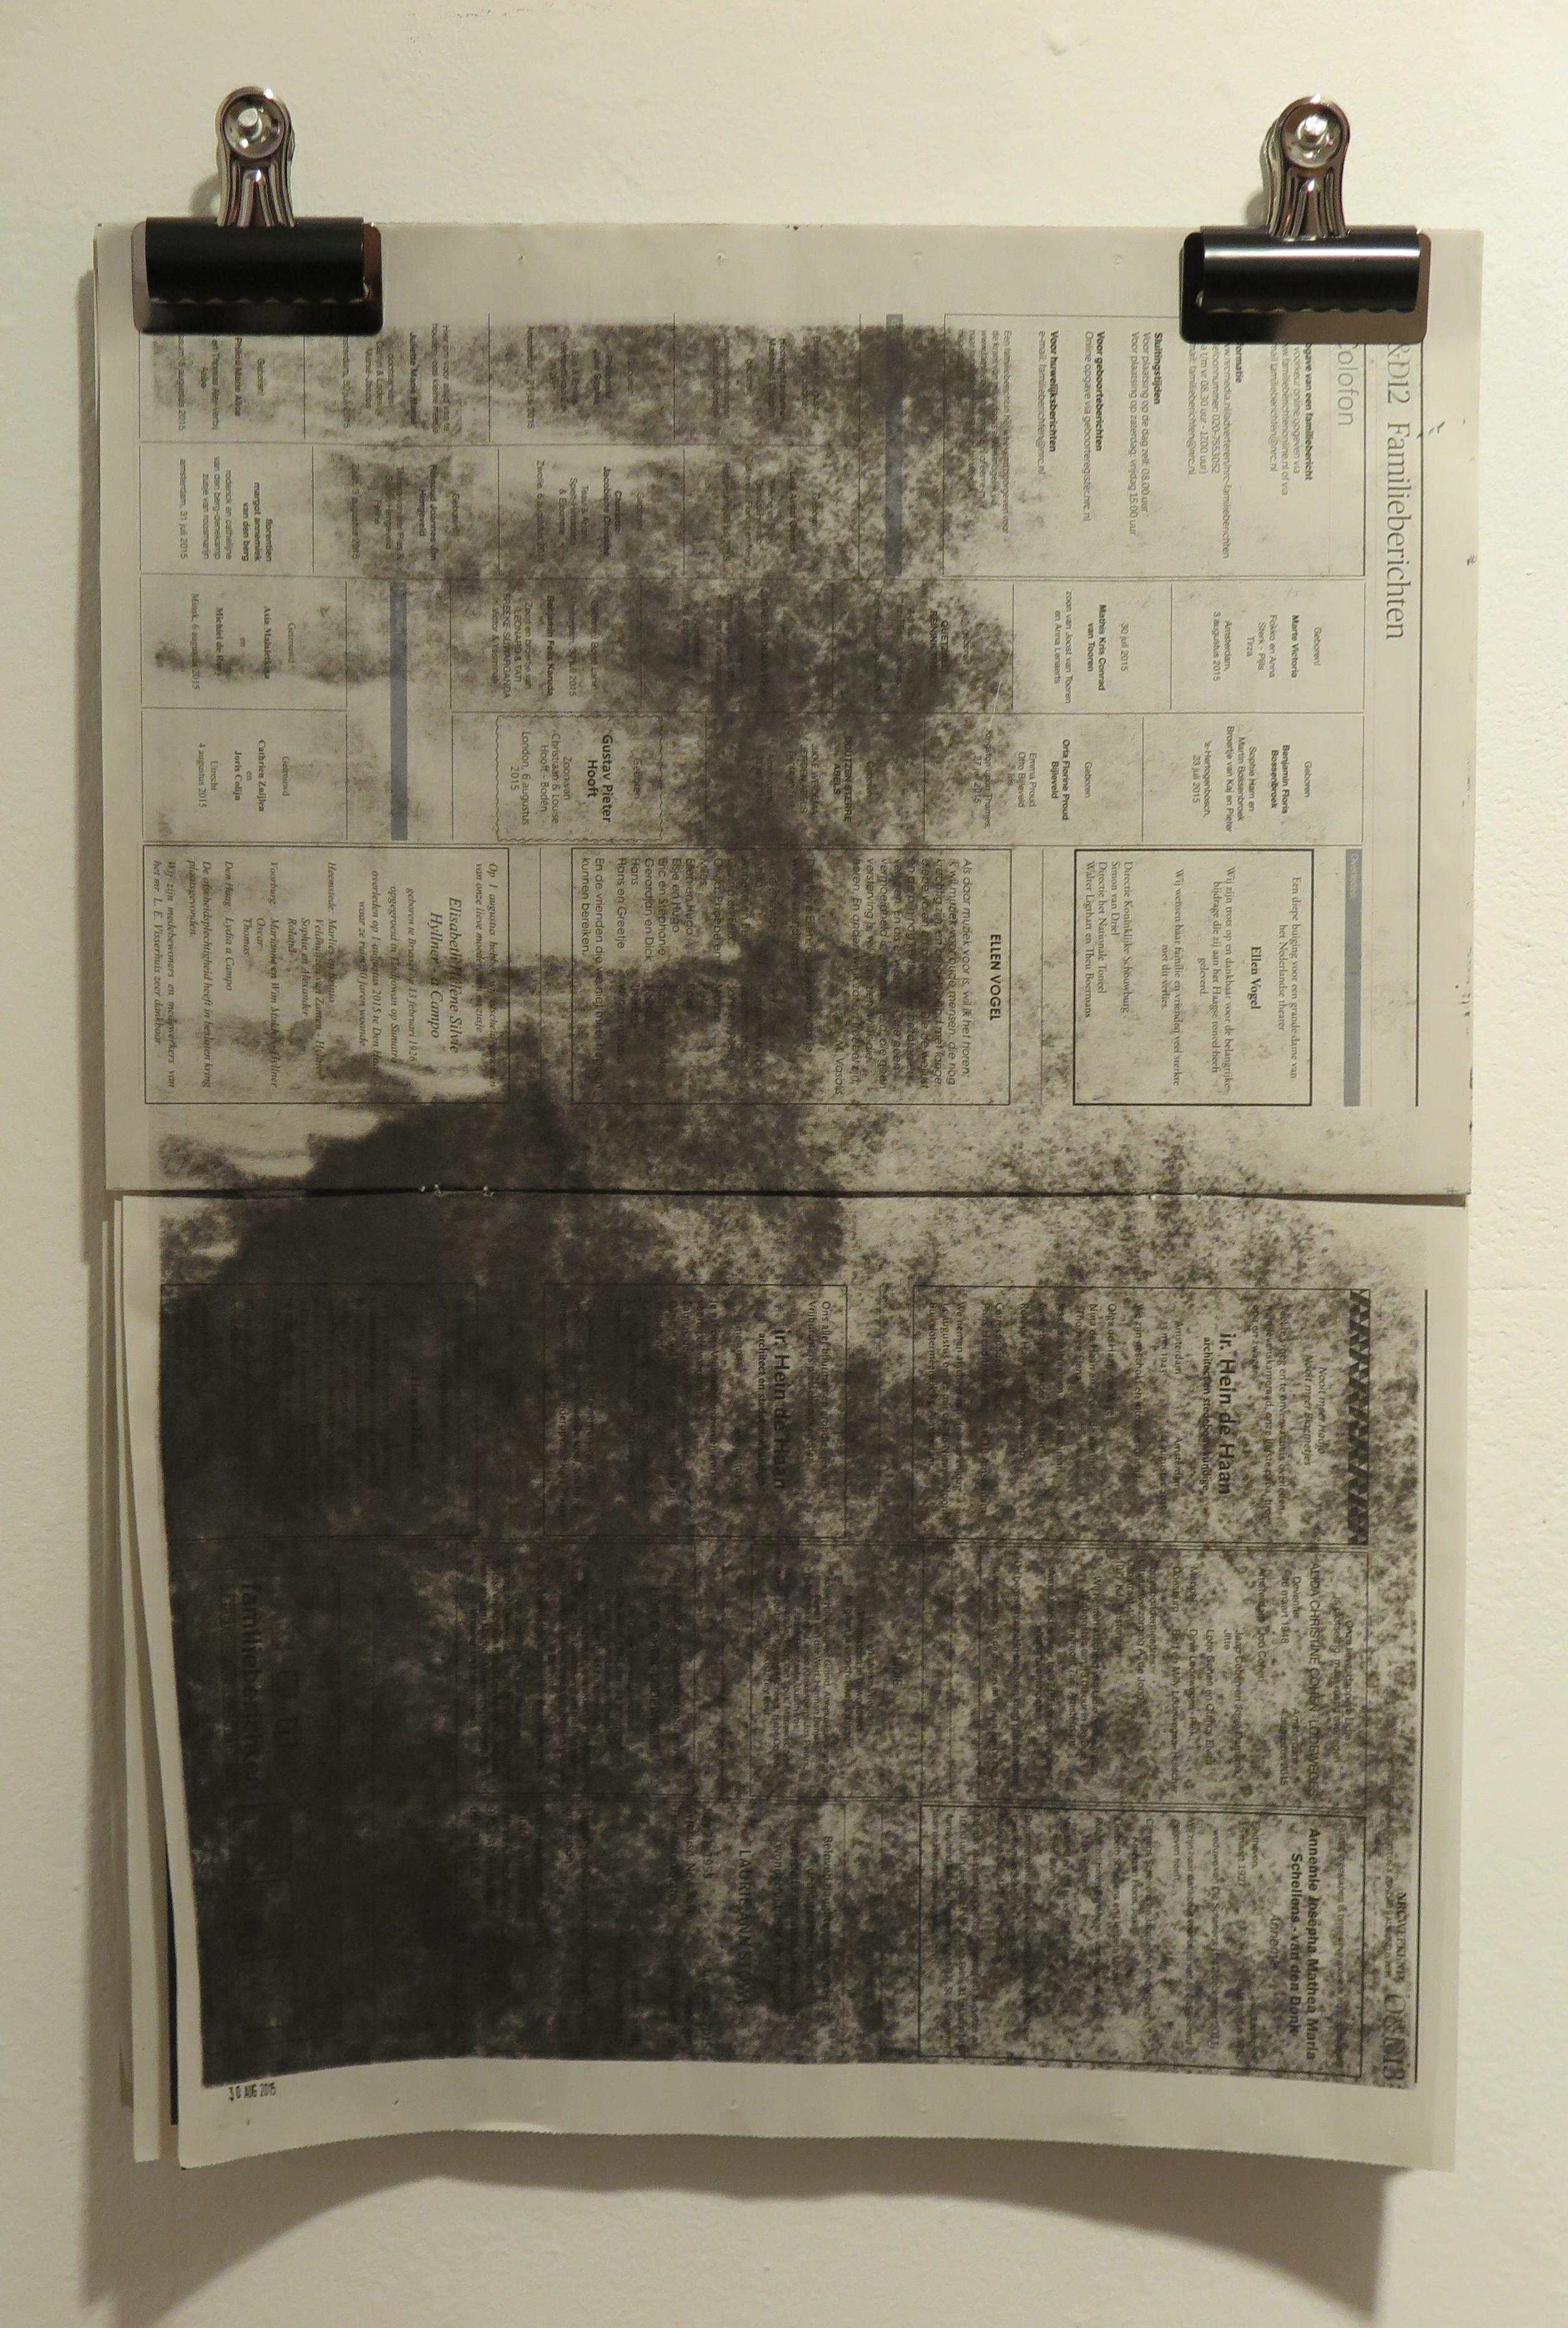 Gunter Gruben - fotoafdruk op krant